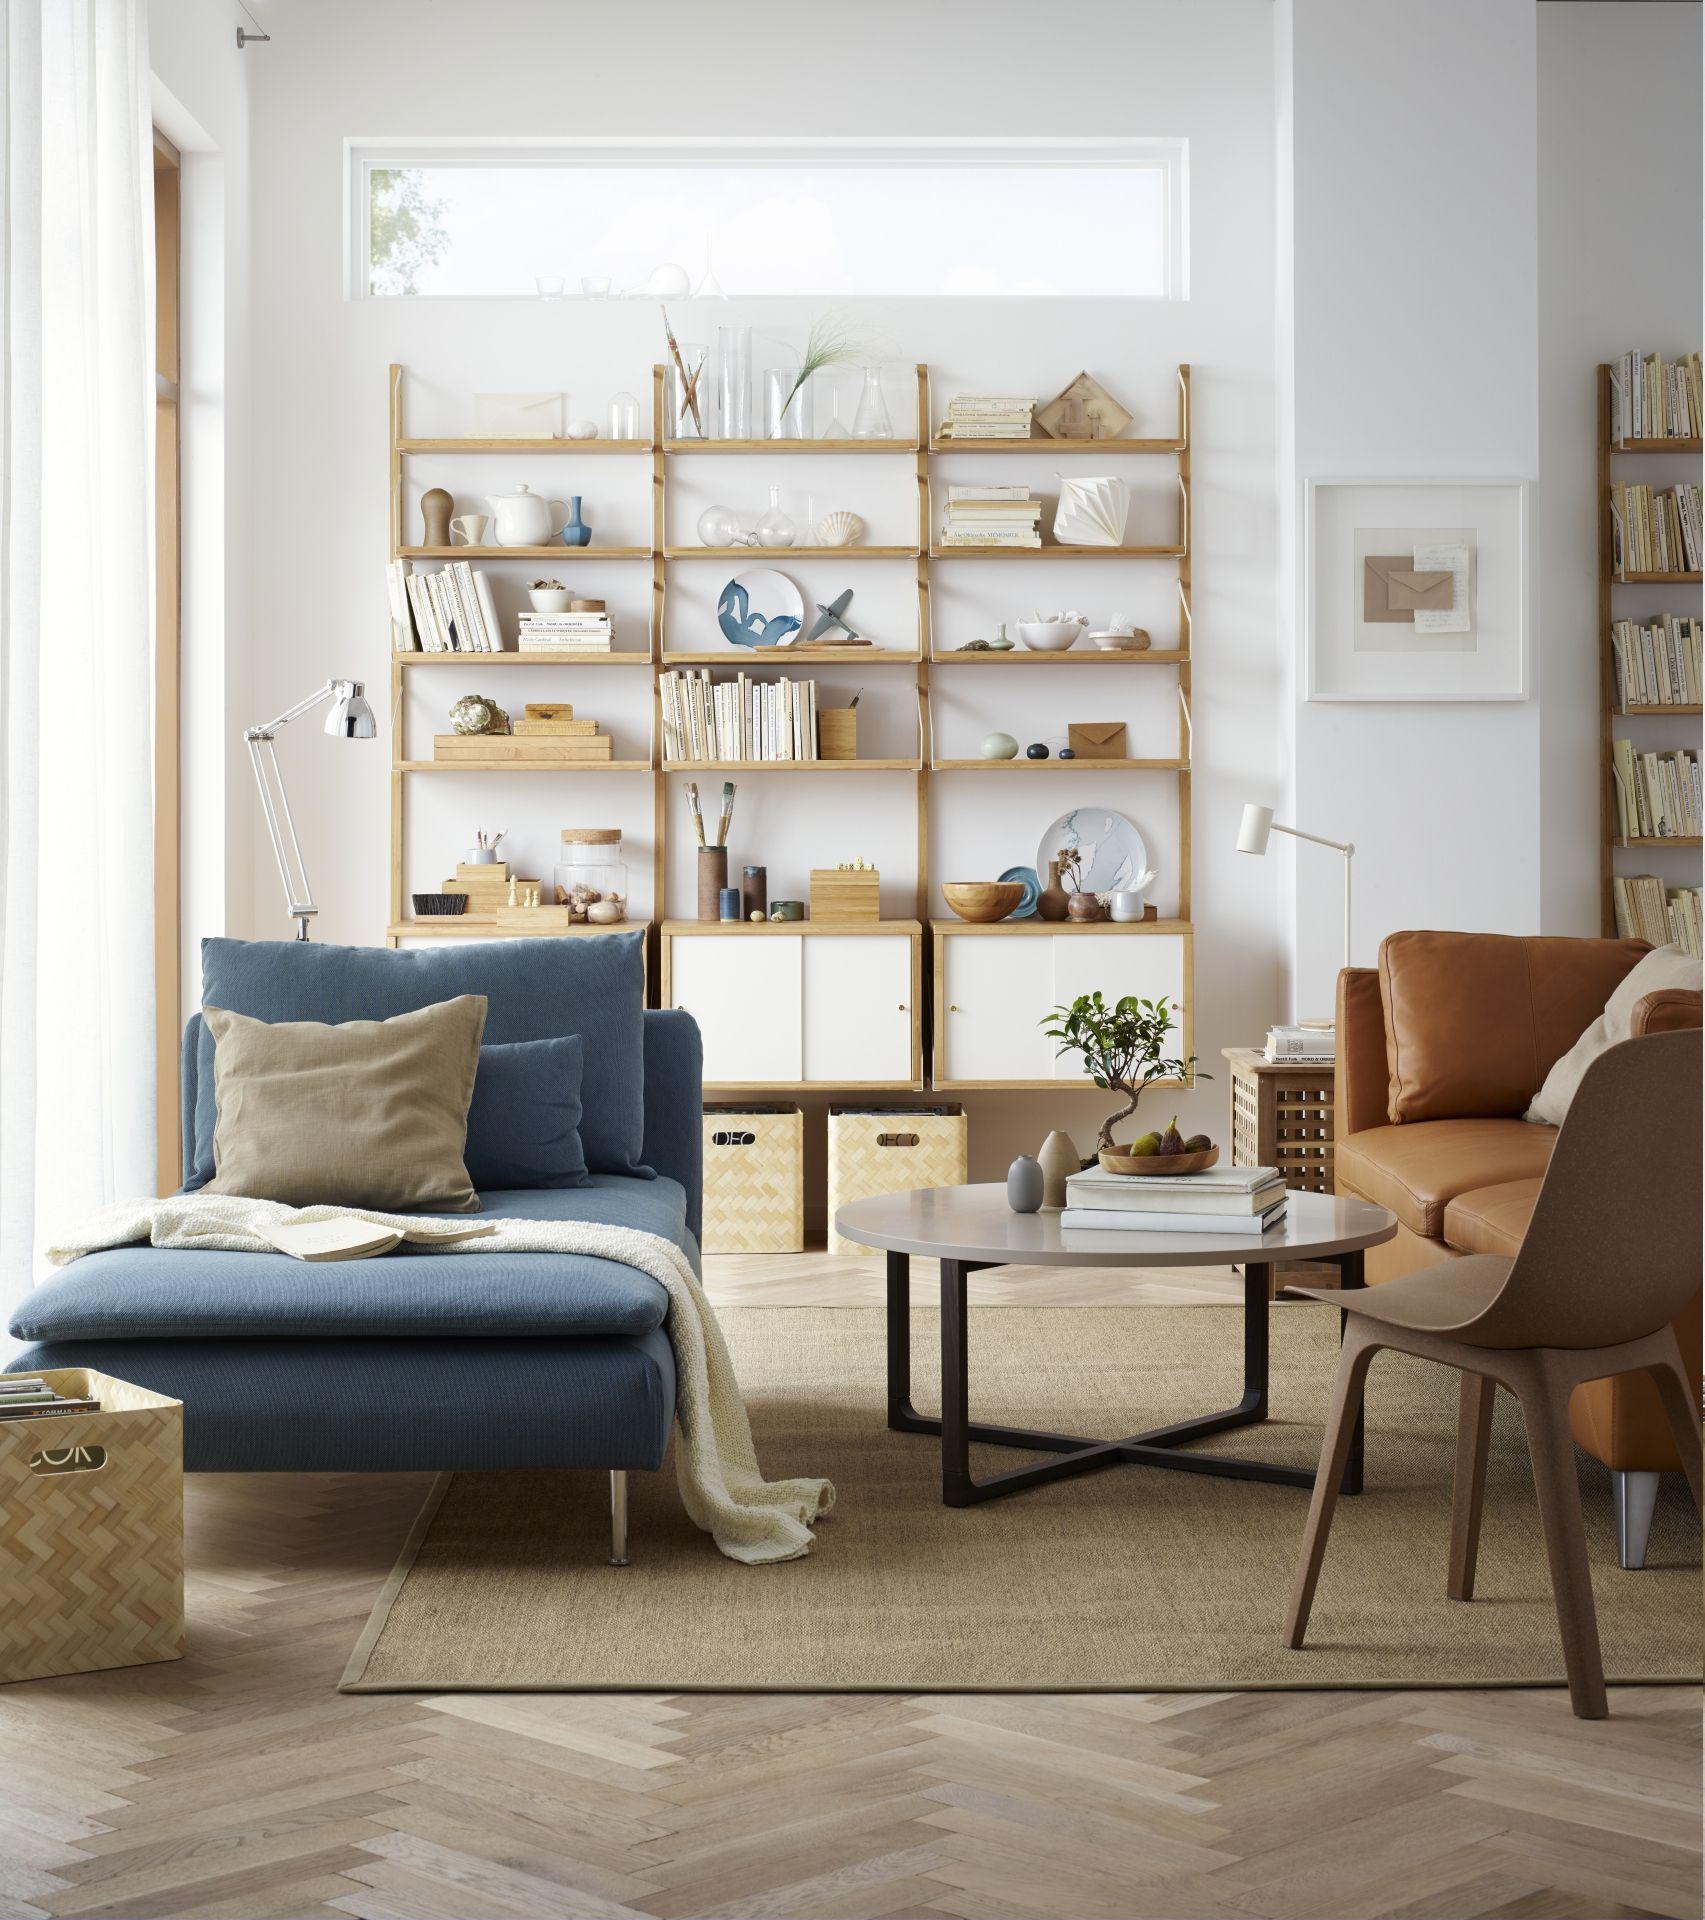 SÖDERHAMN Chaise longue, Finnsta turkoois - Chaise longue, Zen en Ikea